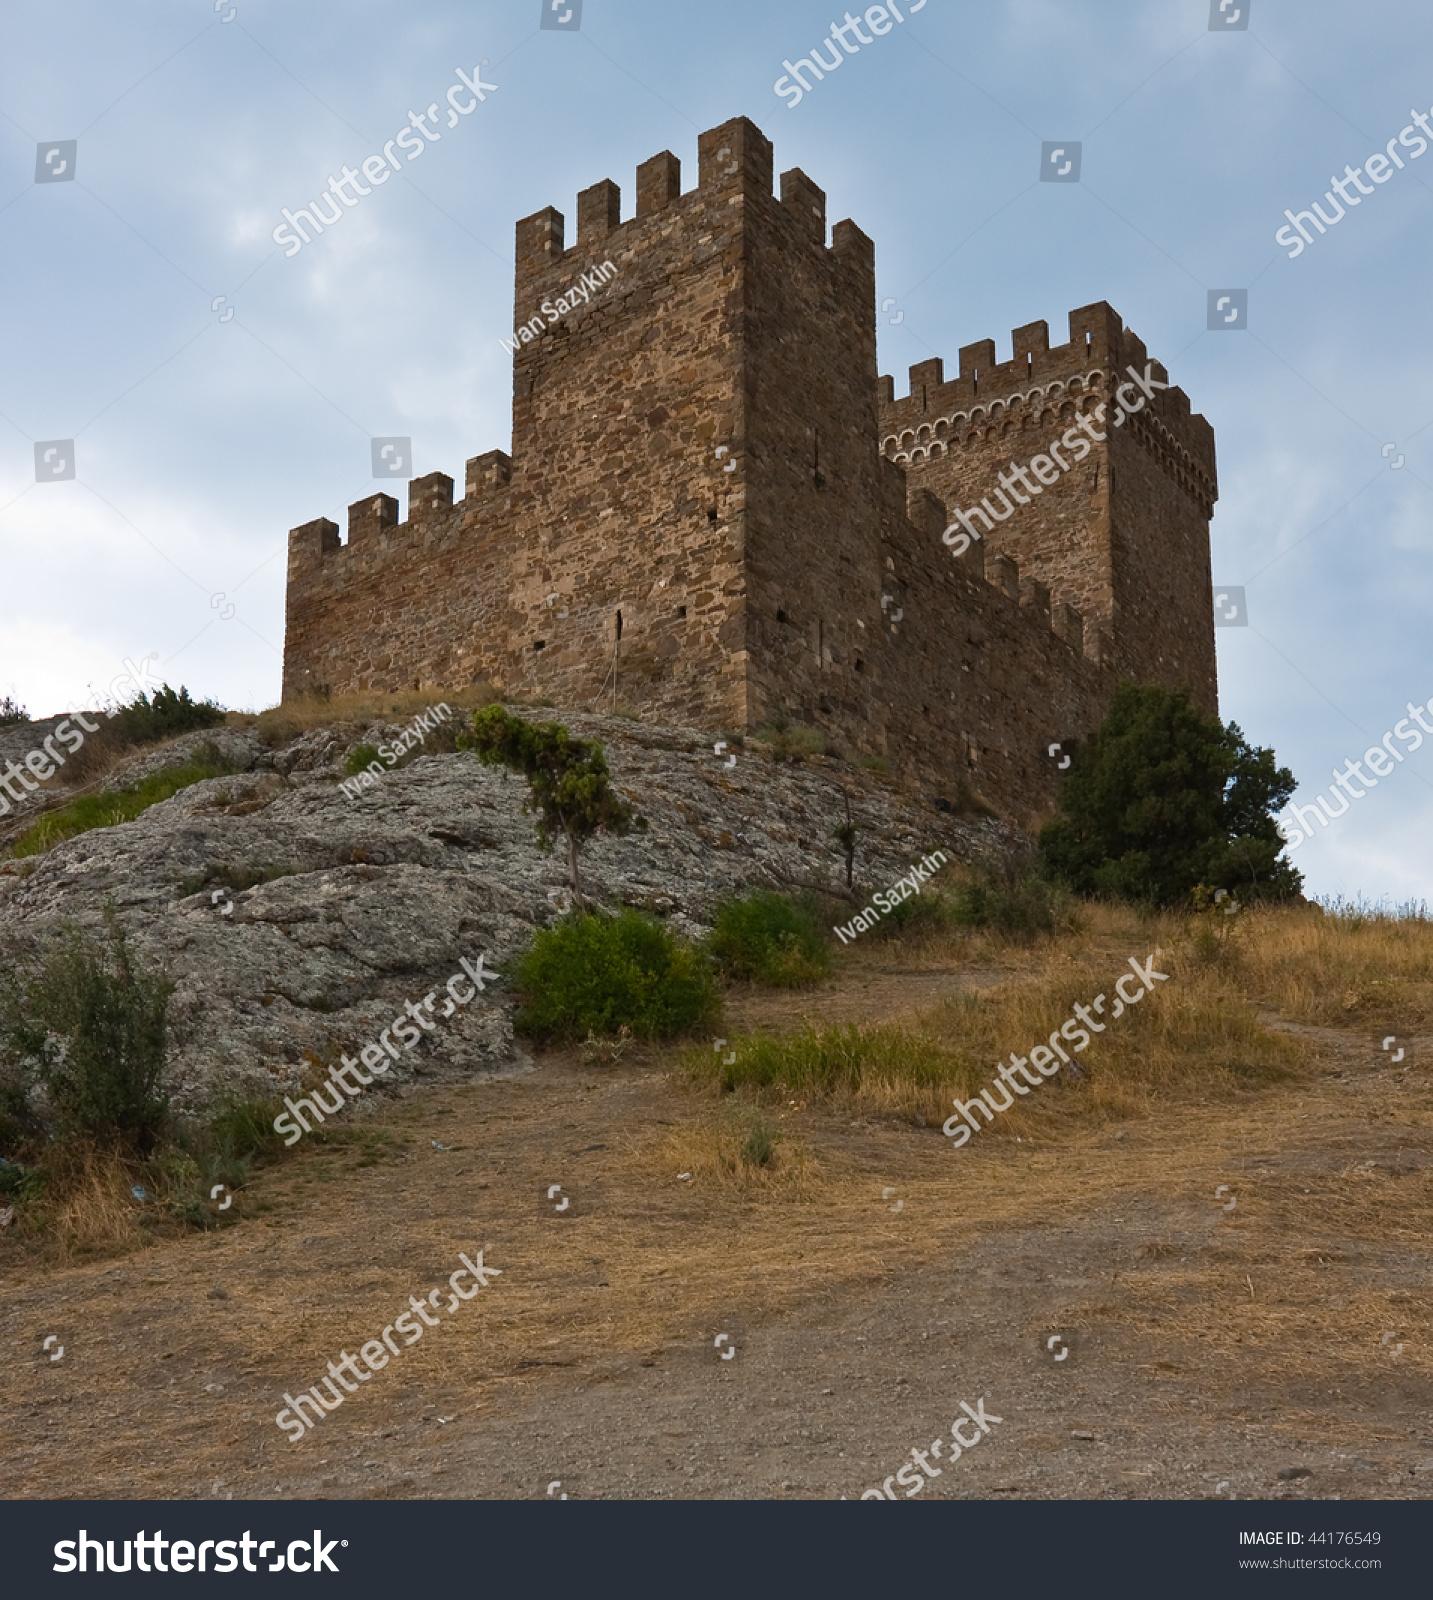 热那亚的中世纪城堡图片